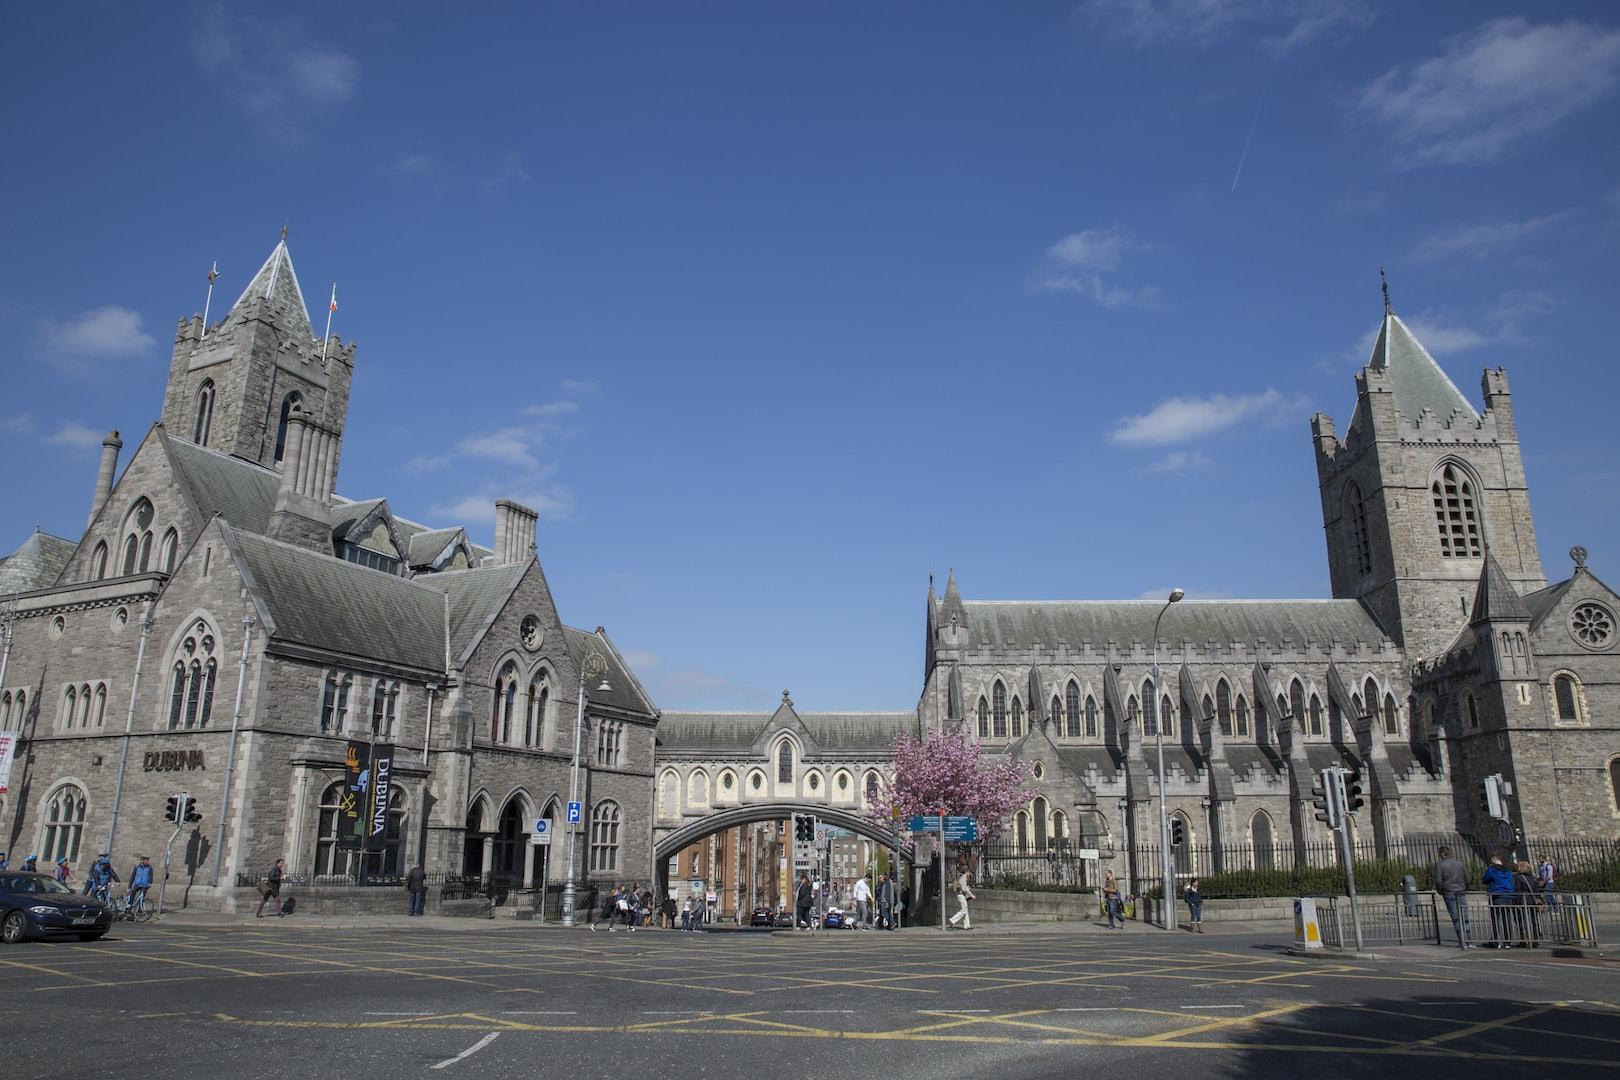 Synod hall bridge in Dublin